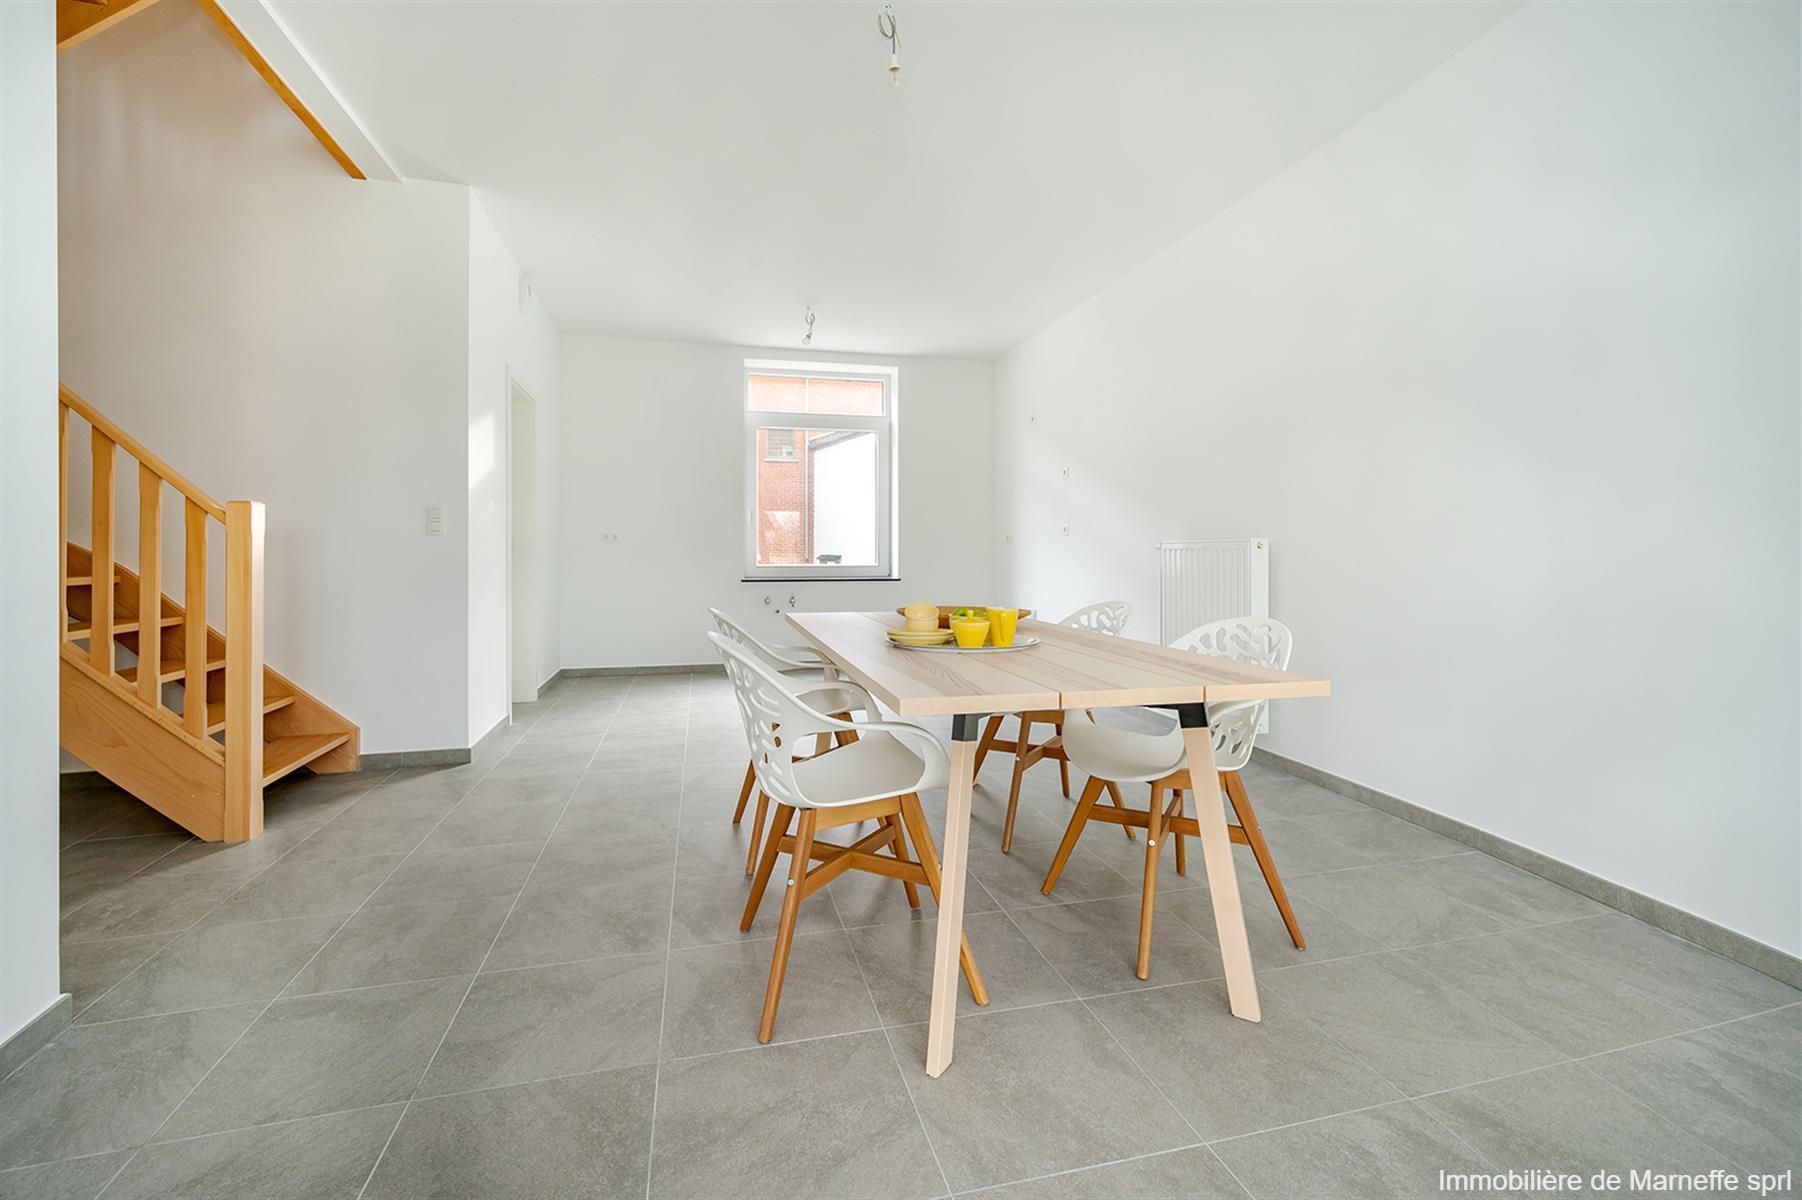 Maison - Grâce-Hollogne Velroux - #4214269-3